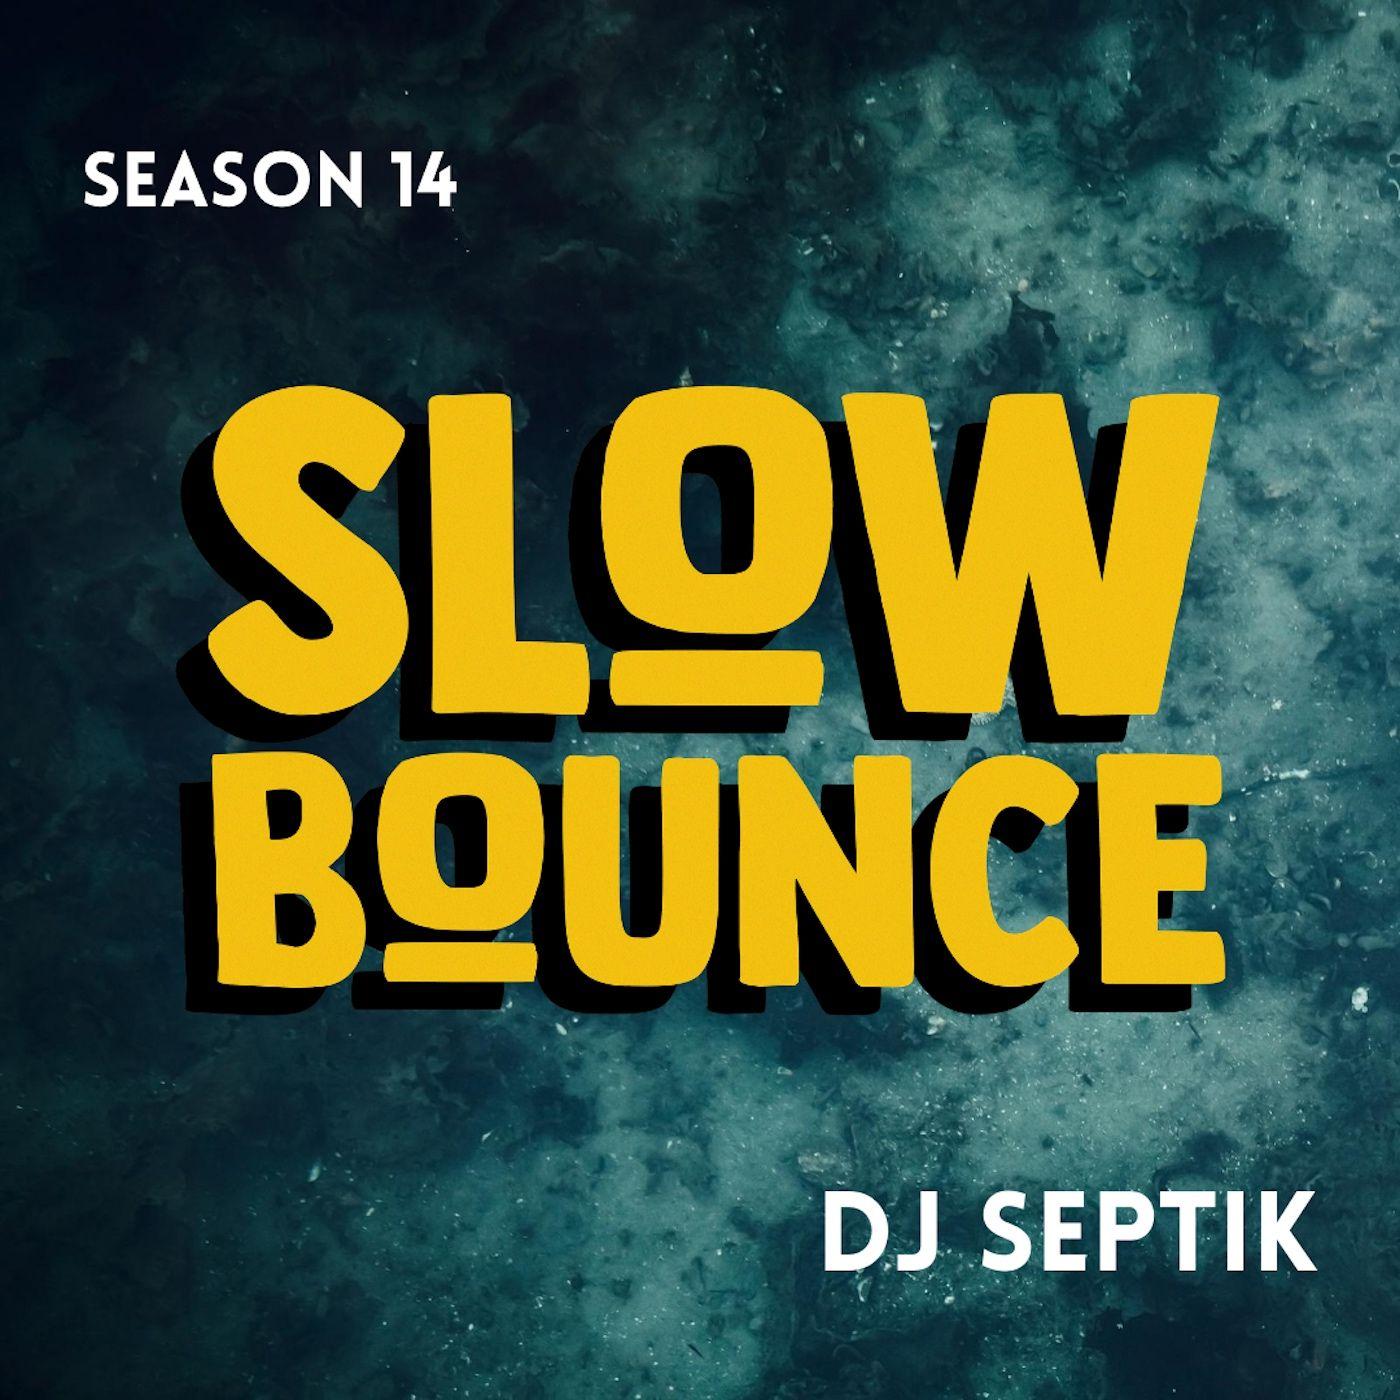 Bigupradio.com SLOWBOUNCE Dancehall & Tropical Bass Podcast